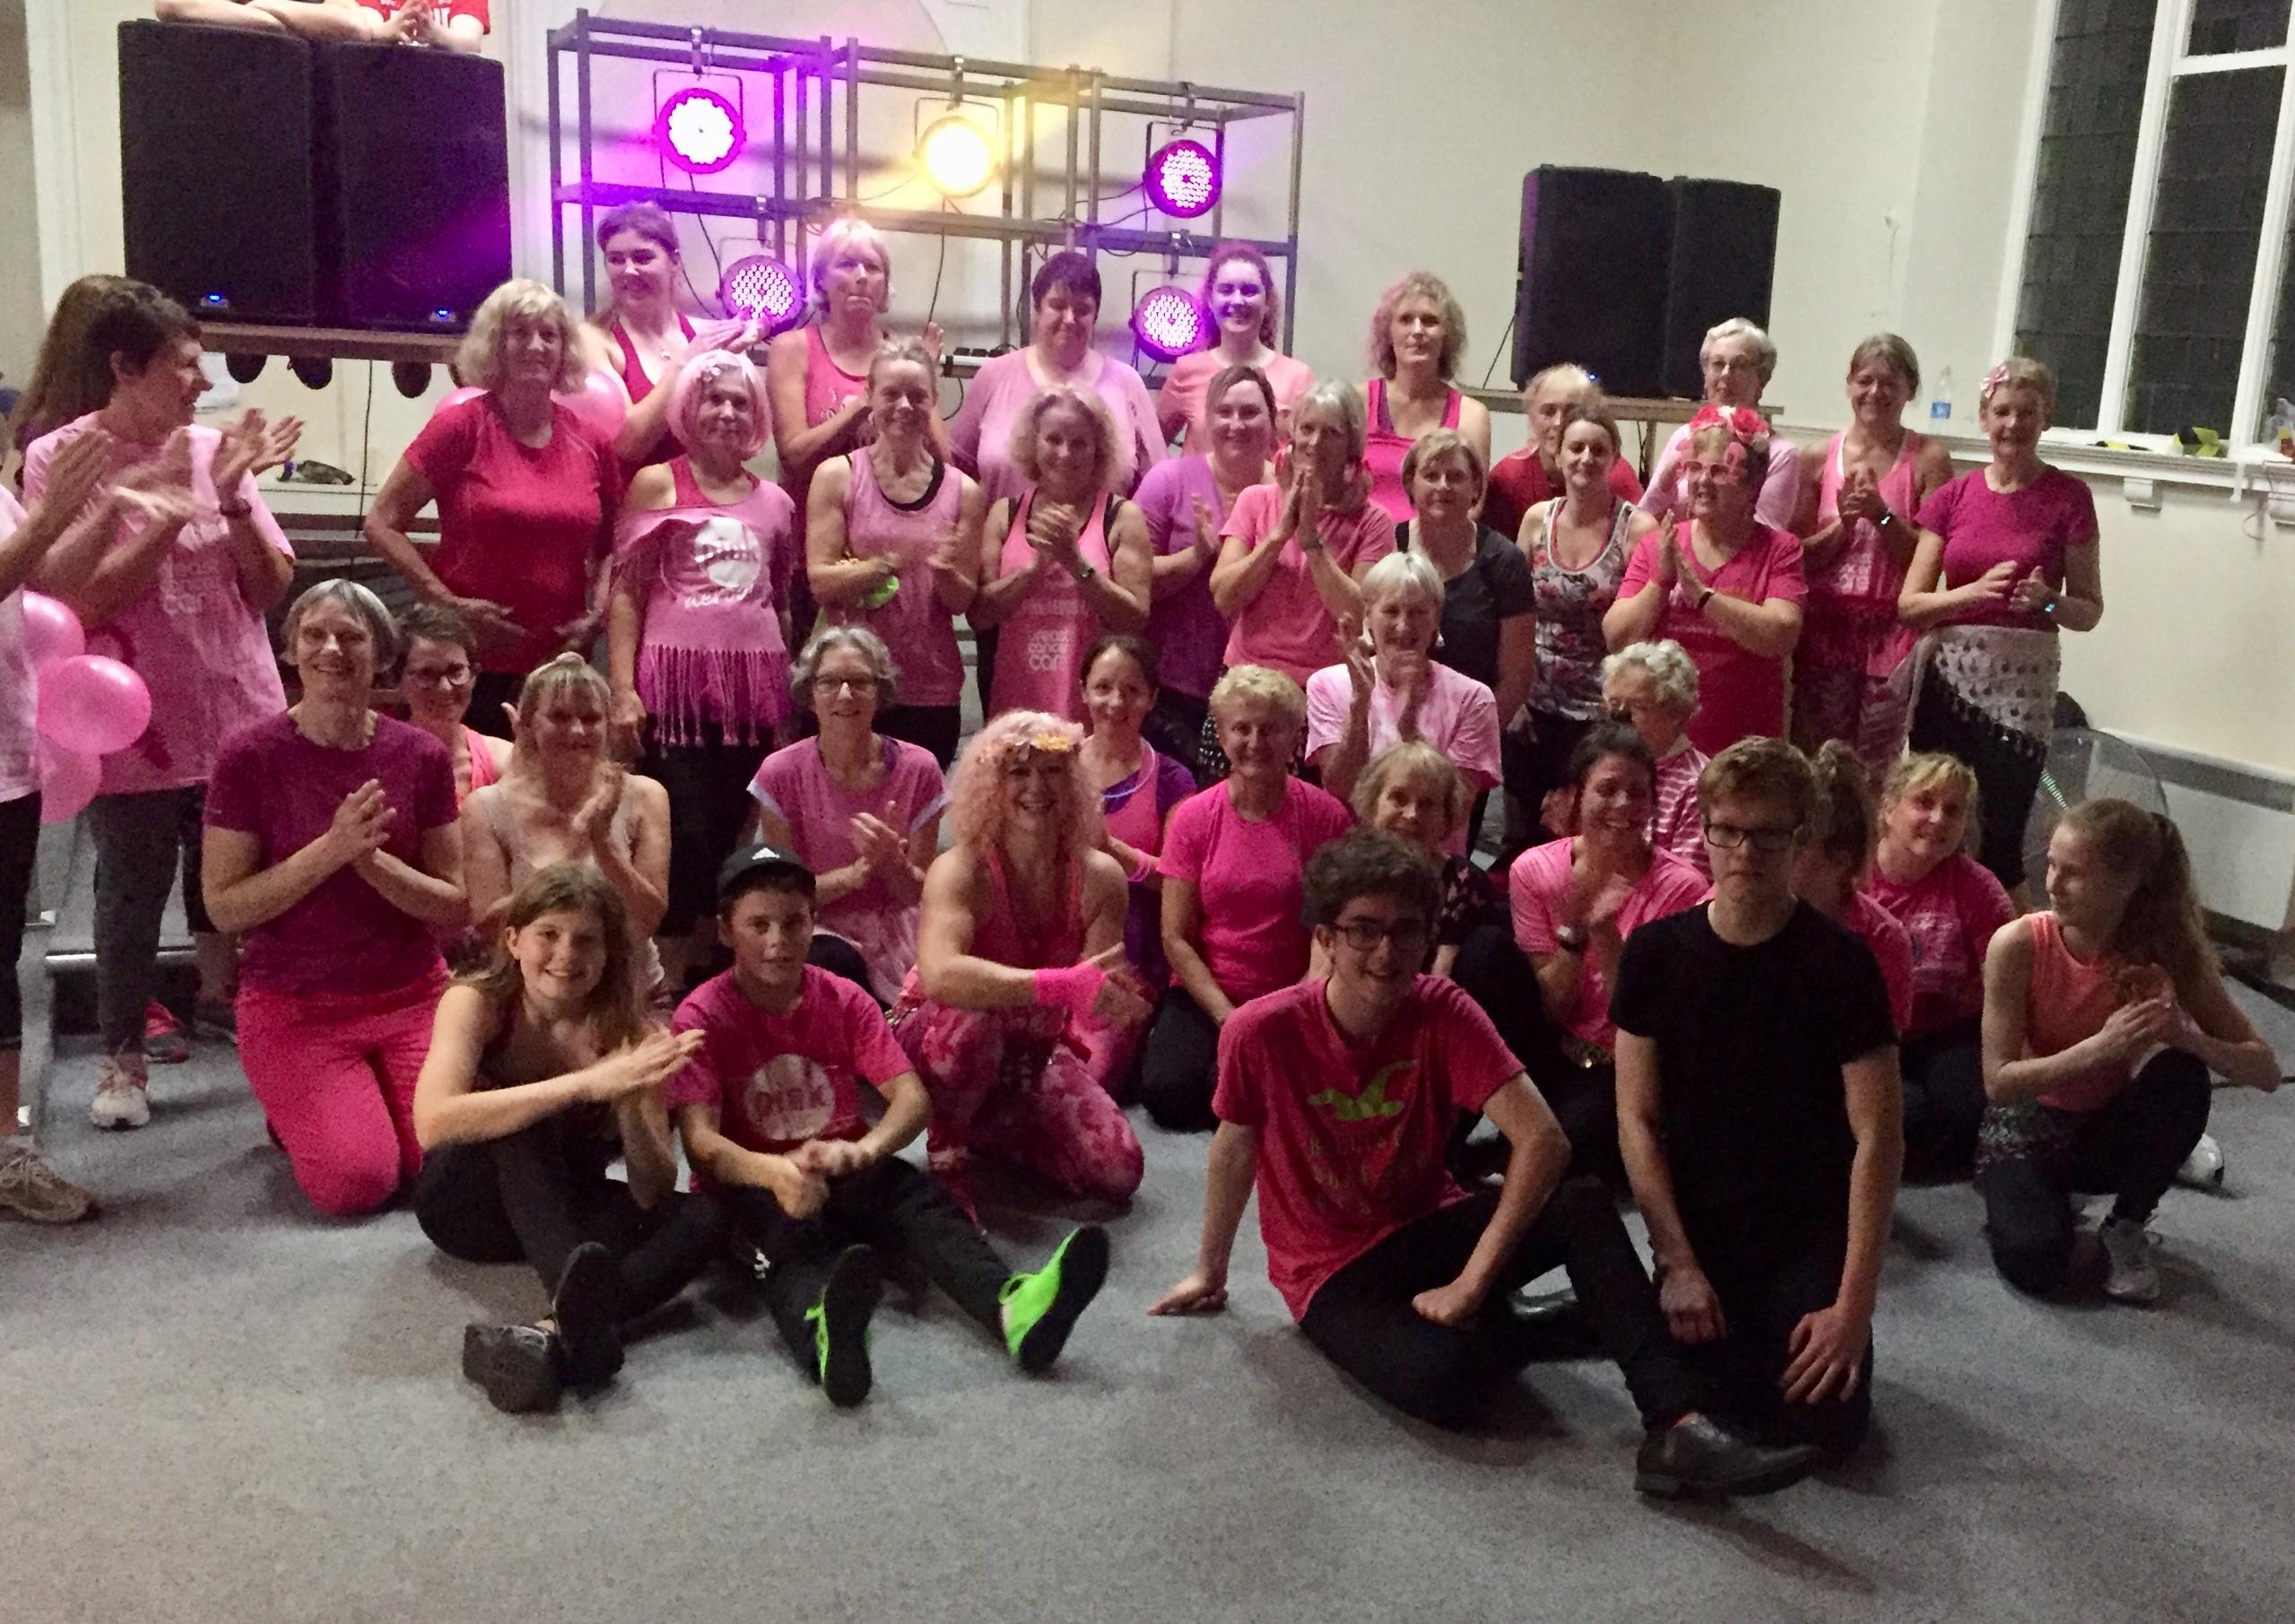 Annual Pink Aerobics at M:HUB